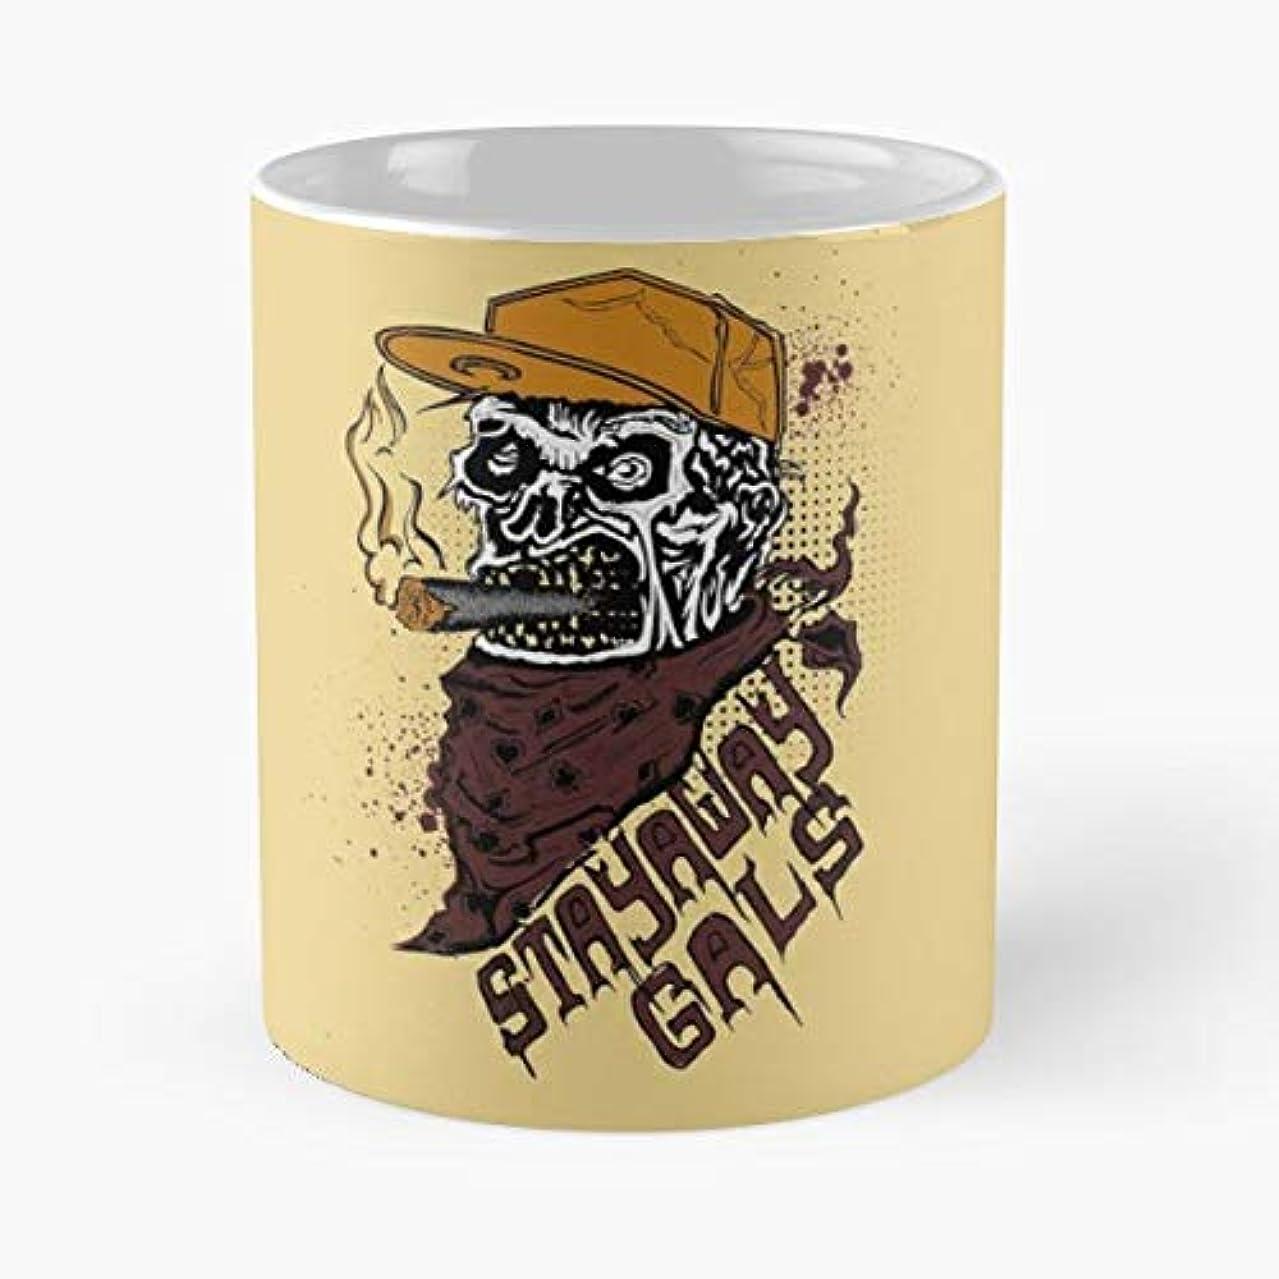 Skull Skulls Crossbones Skeleton - Handmade Funny 11oz Mug Best Birthday Gifts For Men Women Friends Work Great Holidays Day Gift